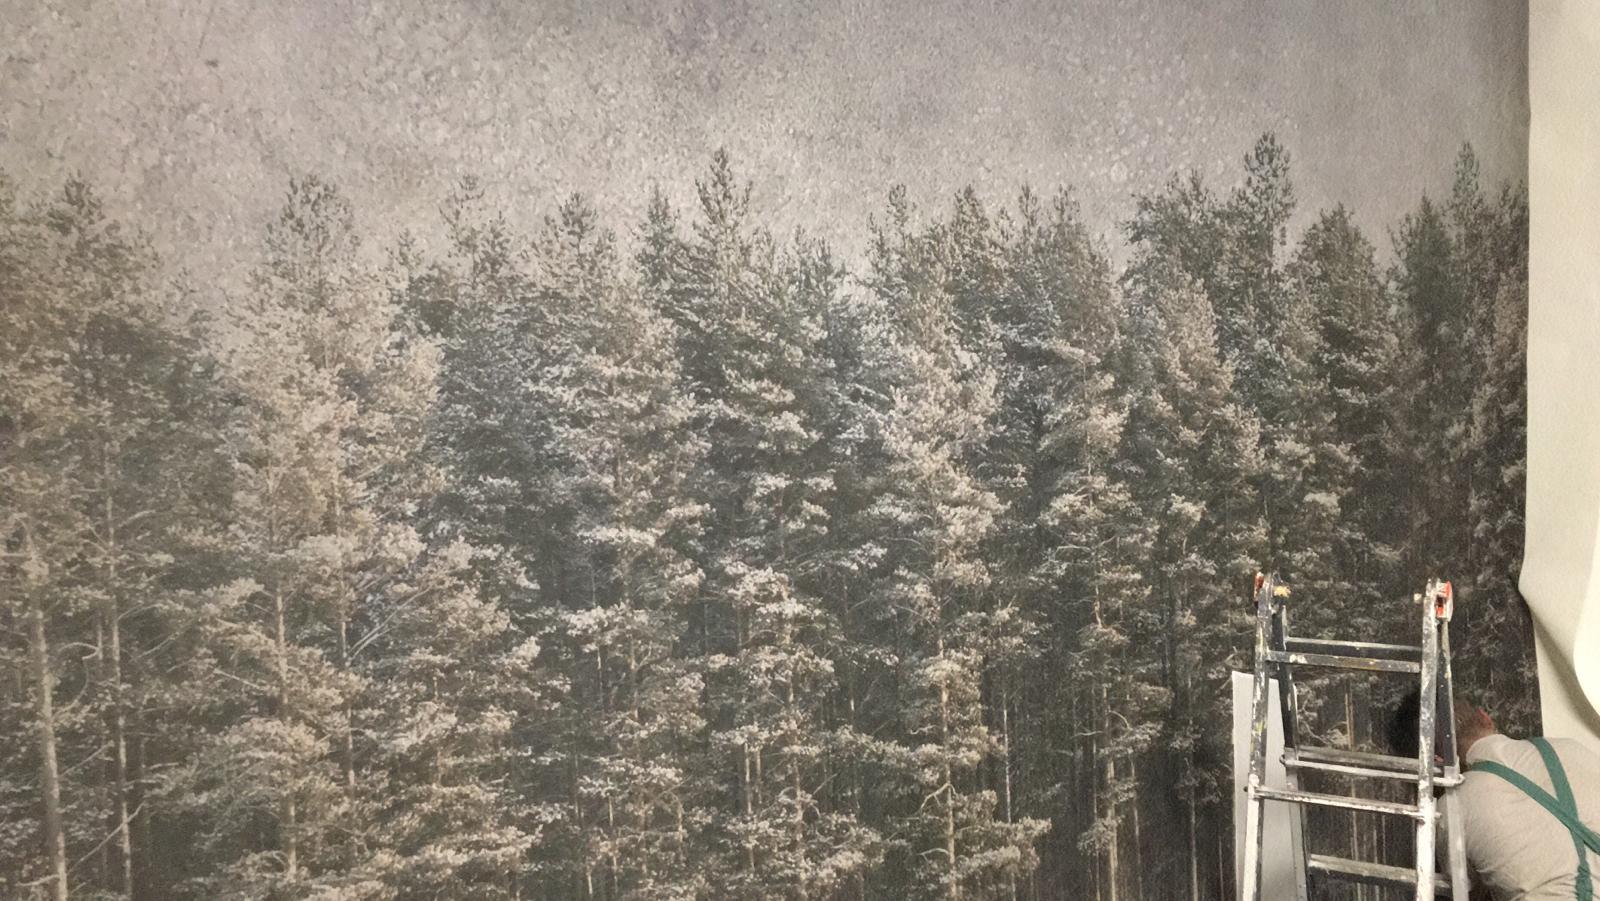 Natale 2020, carta da parati alberi, idrosanitaria lecco